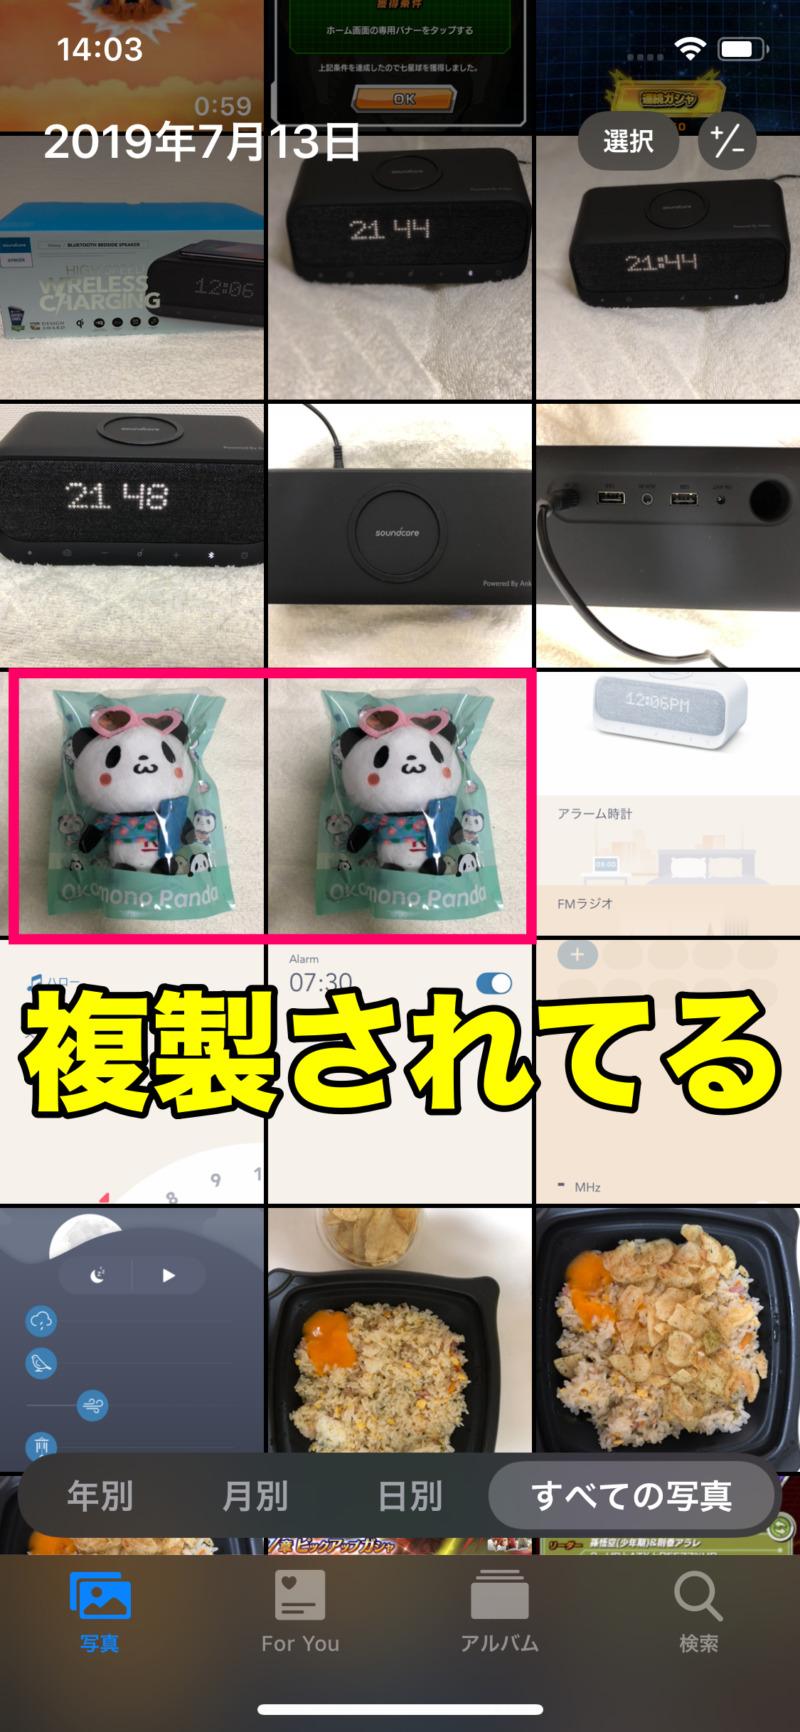 iPhoneで写真を複製する方法3